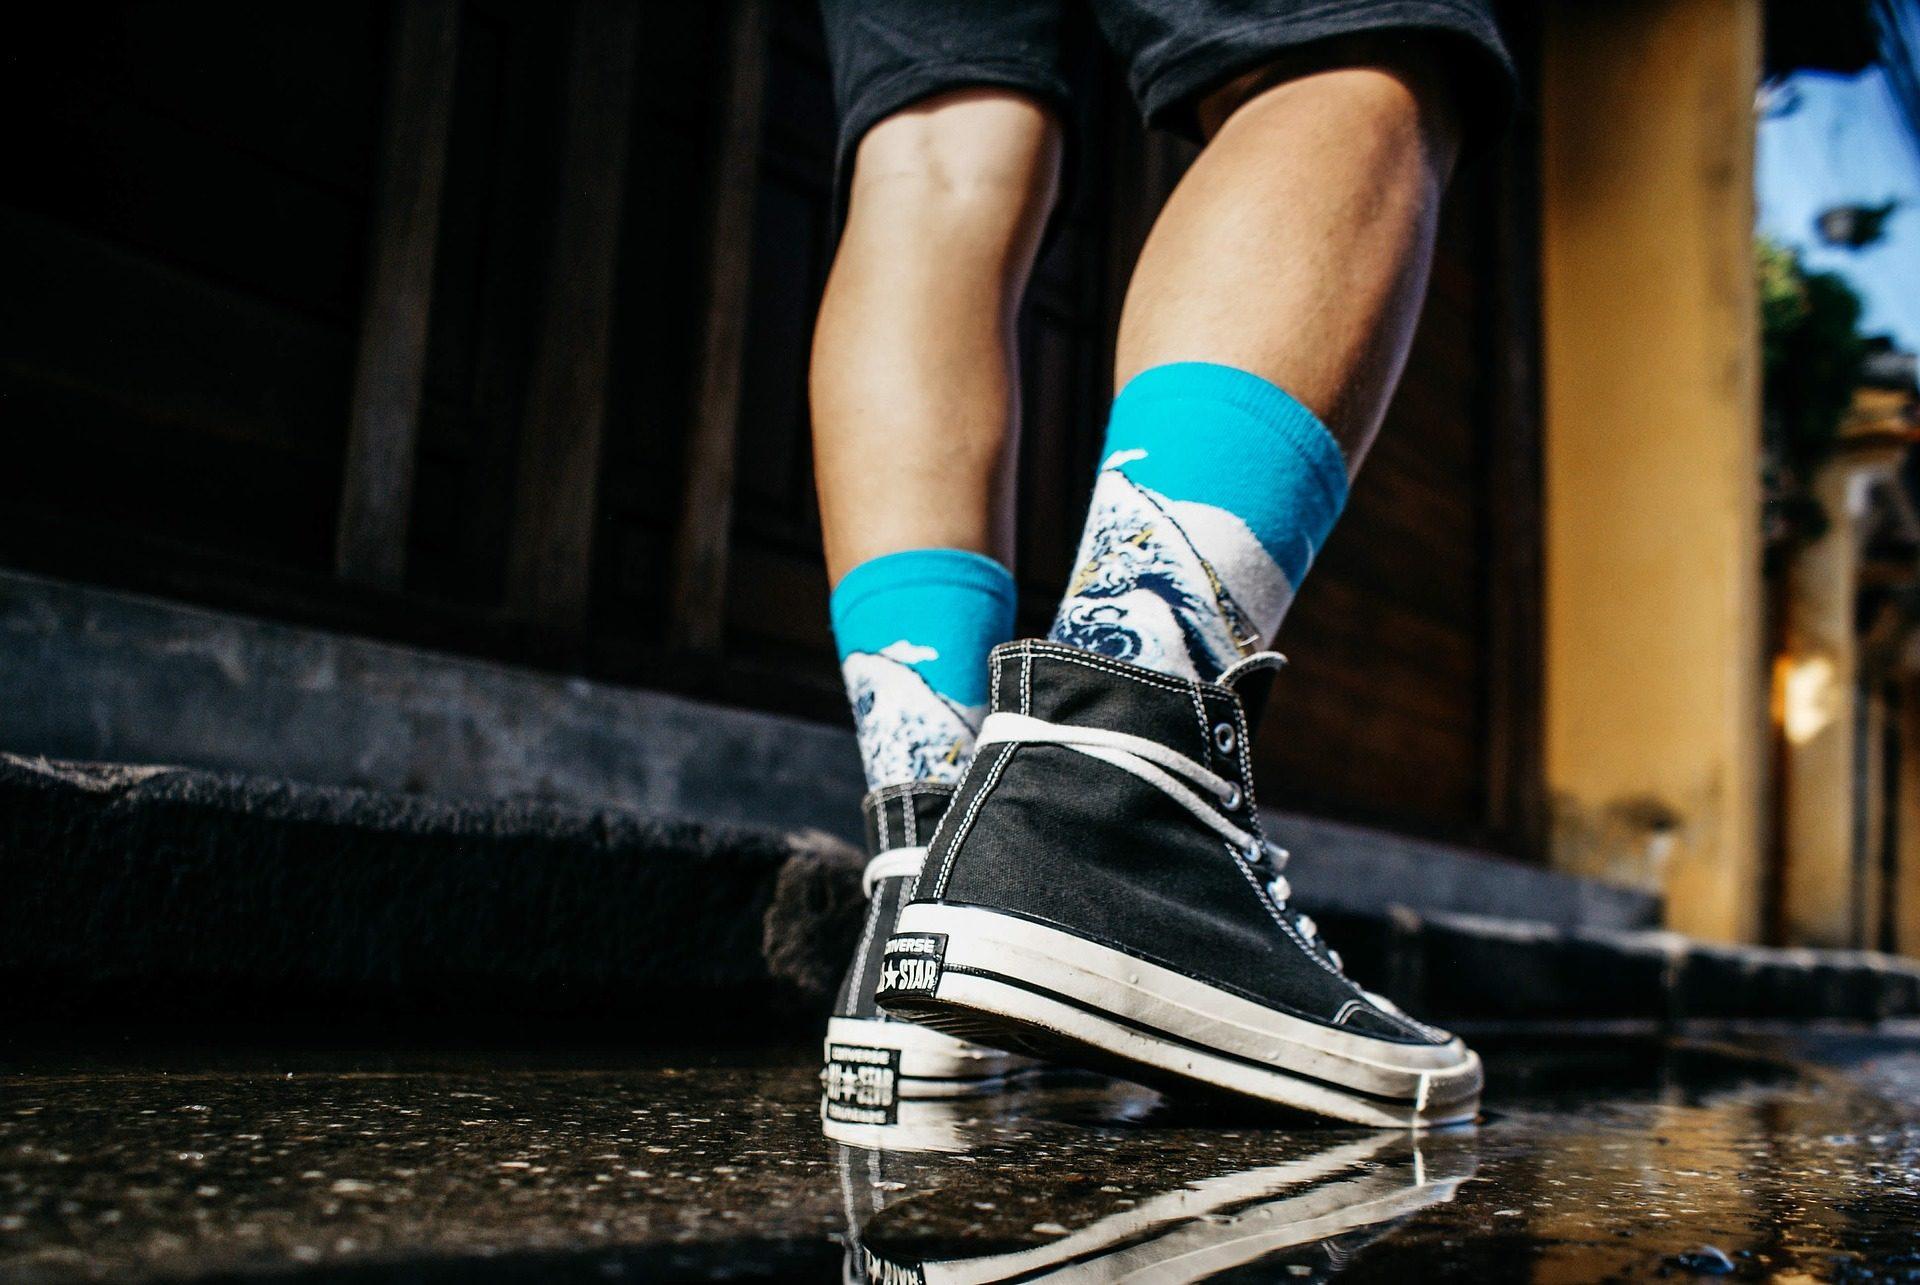 أحذية, الأحذية, جوارب, التوائم, الساقين, سيرا على الأقدام - خلفيات عالية الدقة - أستاذ falken.com